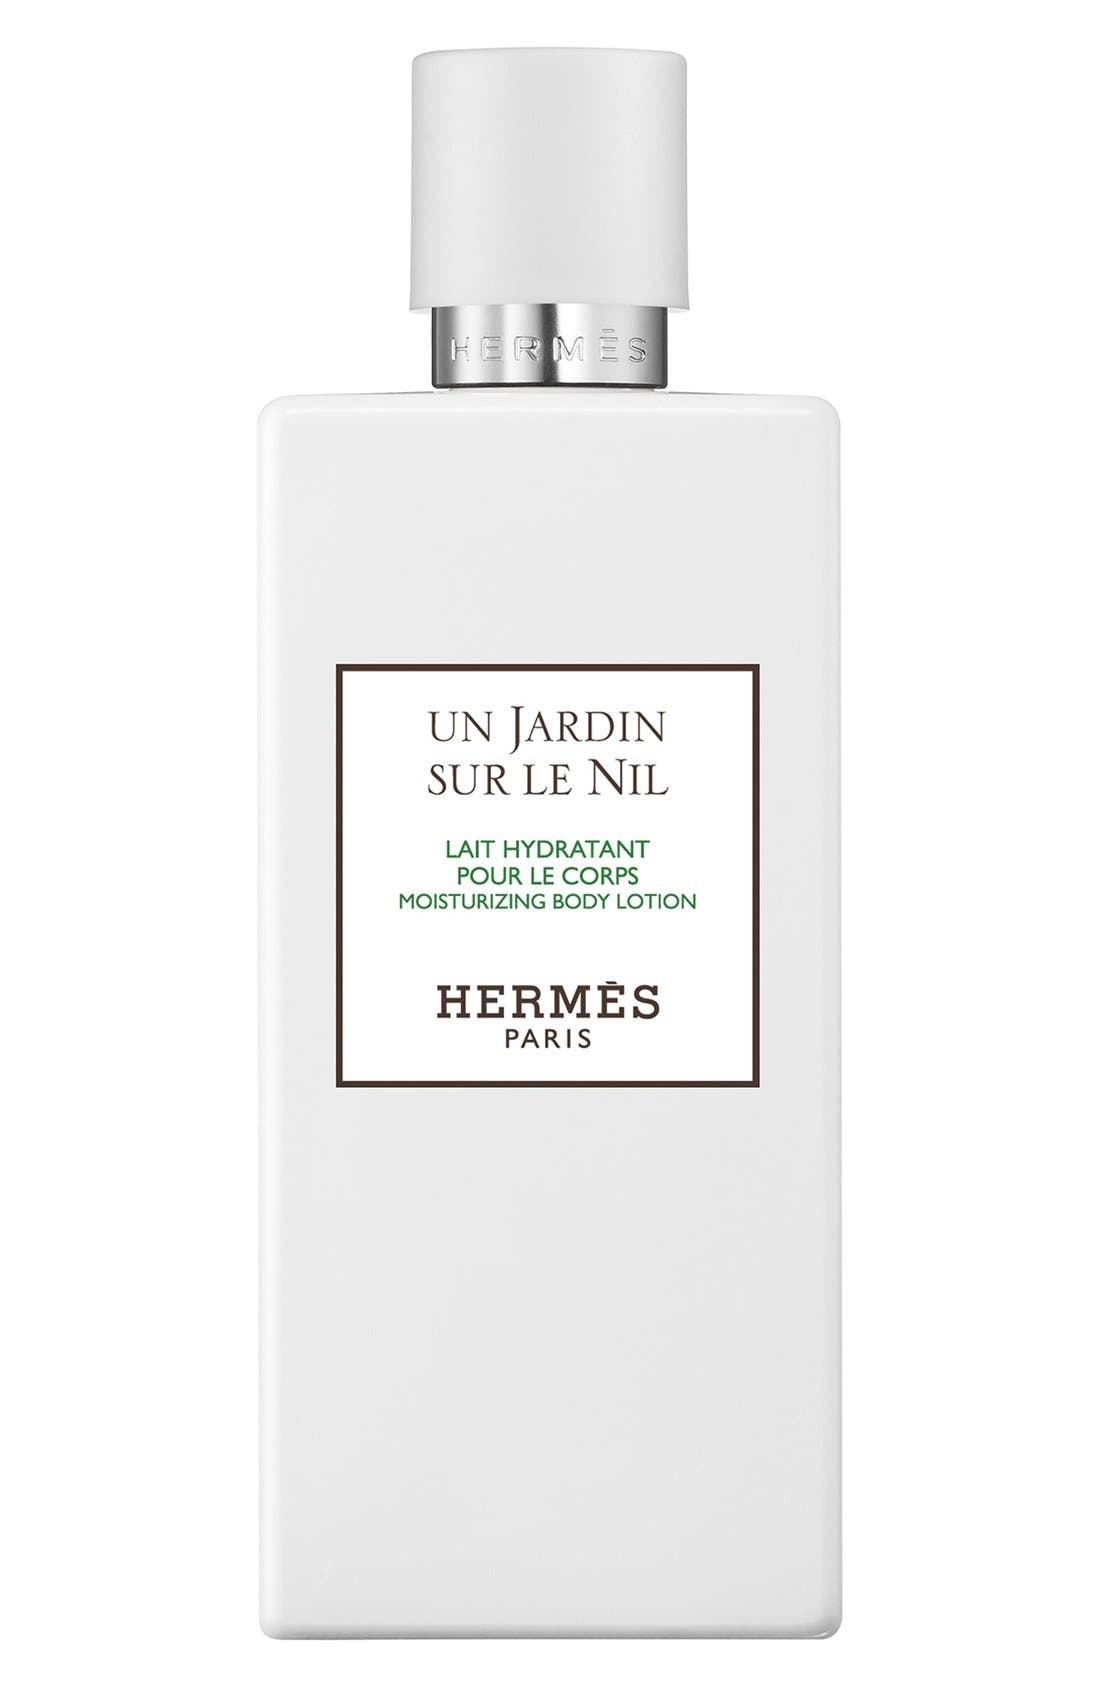 Hermès Le Jardin sur le Nil - Moisturizing body lotion